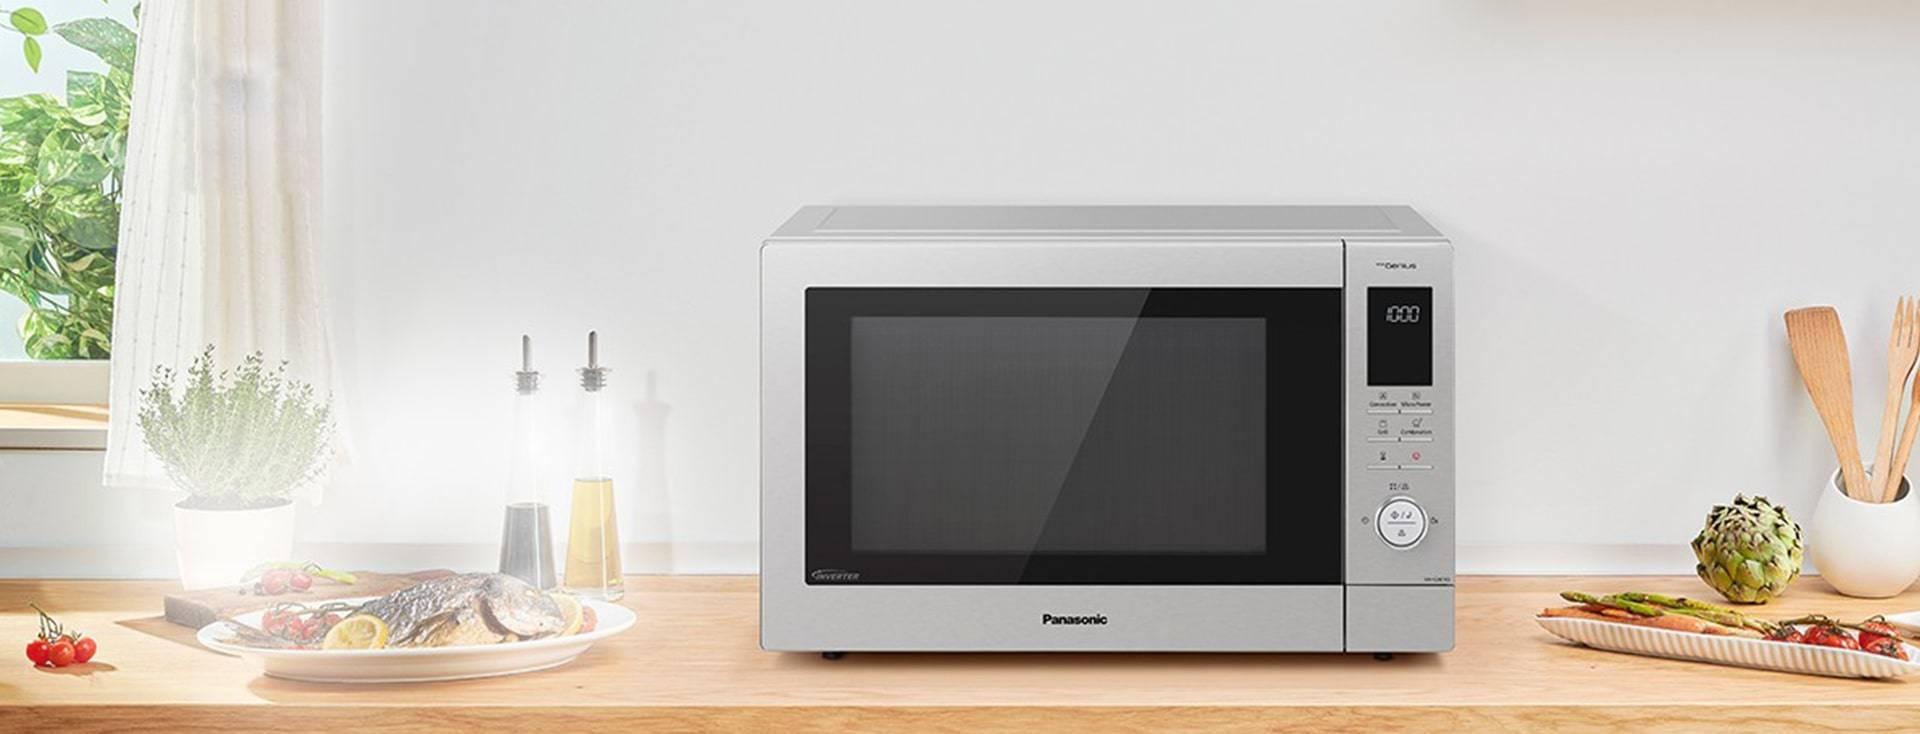 Microvawe Ovens